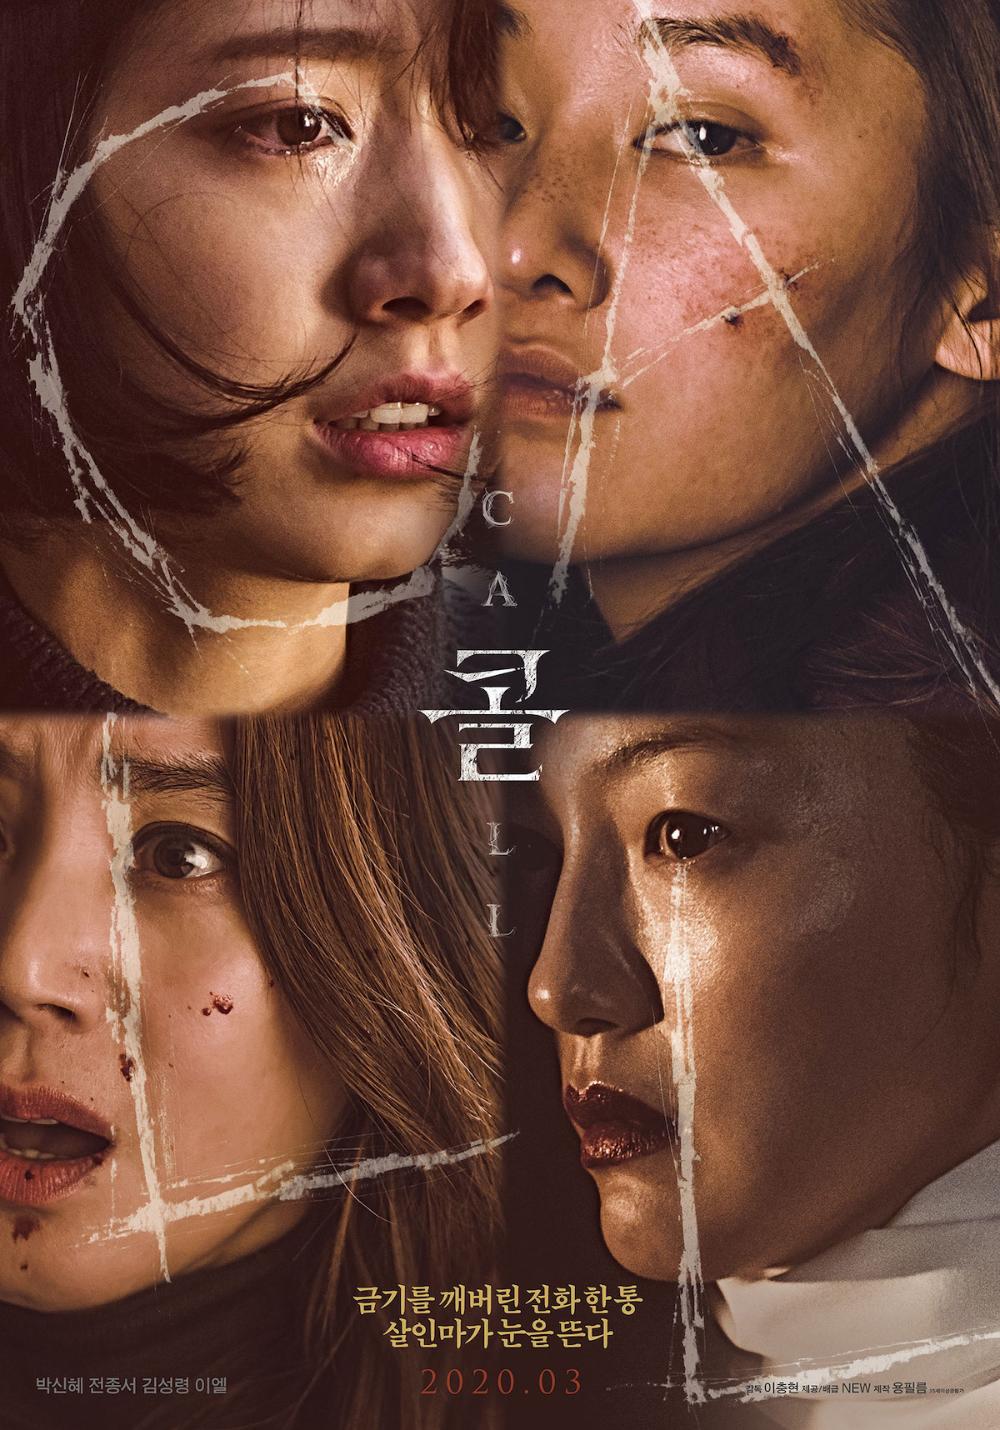 Call Korean Movie Asianwiki Korean Drama Movies Drama Movies Thriller Movies